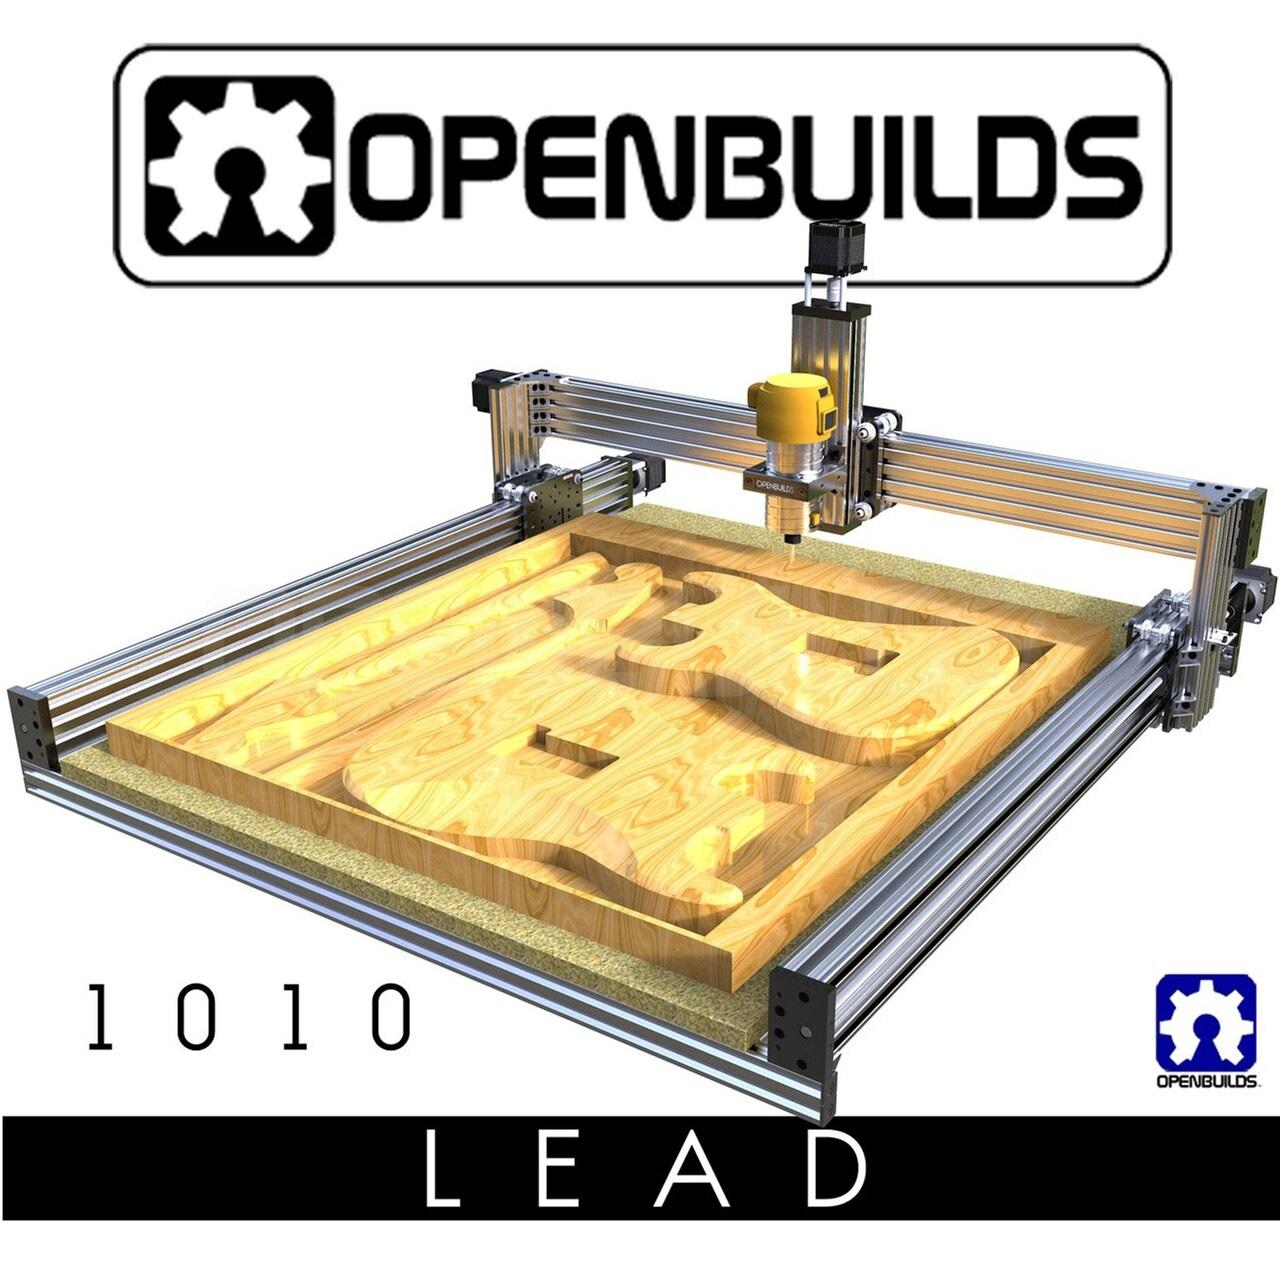 Machine CNC OpenBuilds LEAD